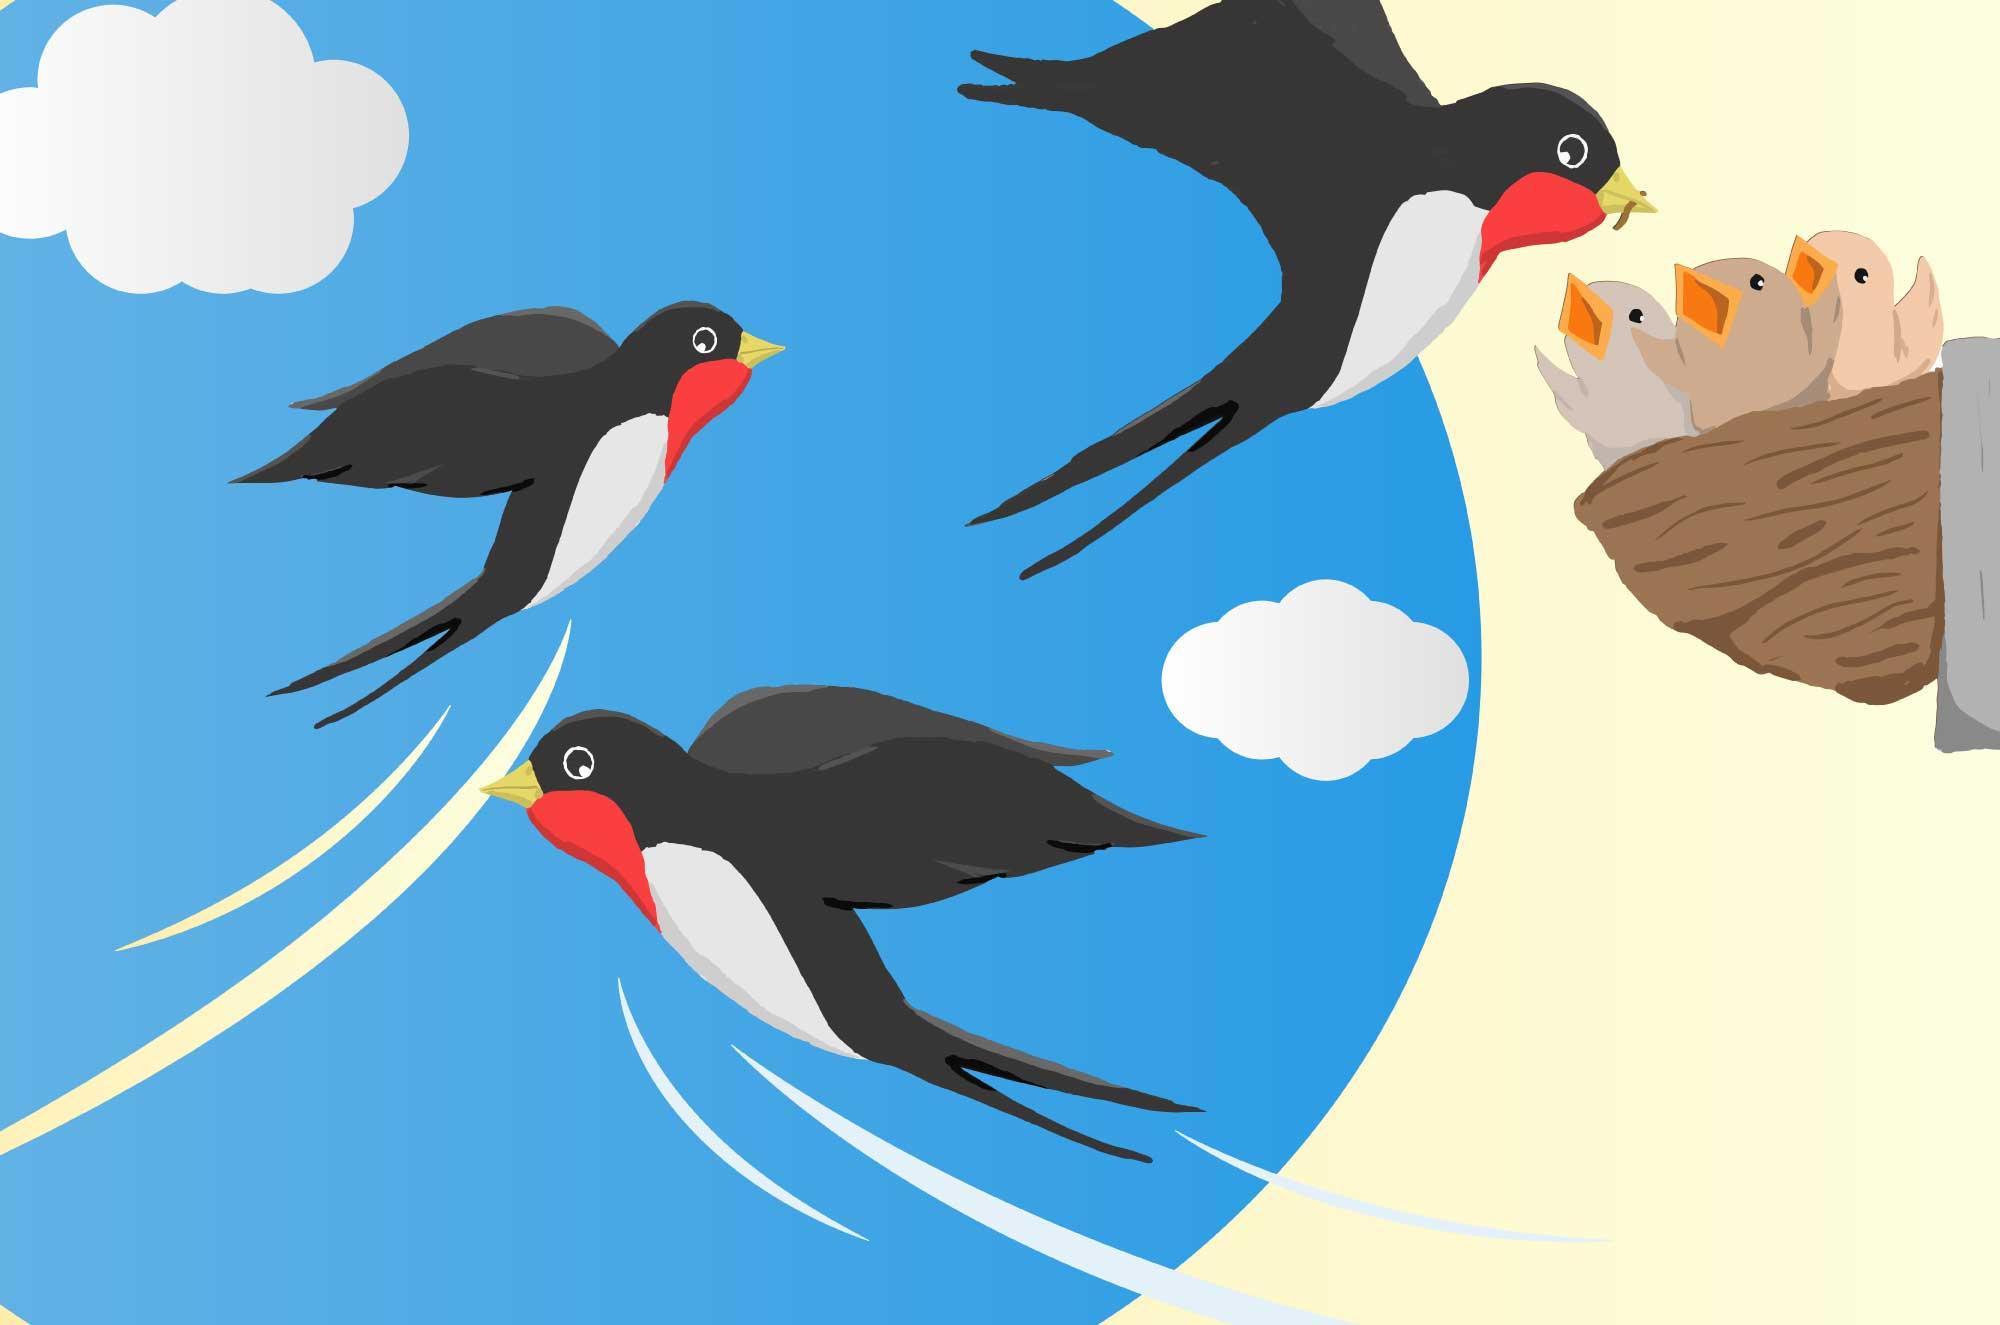 可愛いツバメのイラスト - 巣作りとヒナ・空飛ぶ親鳥